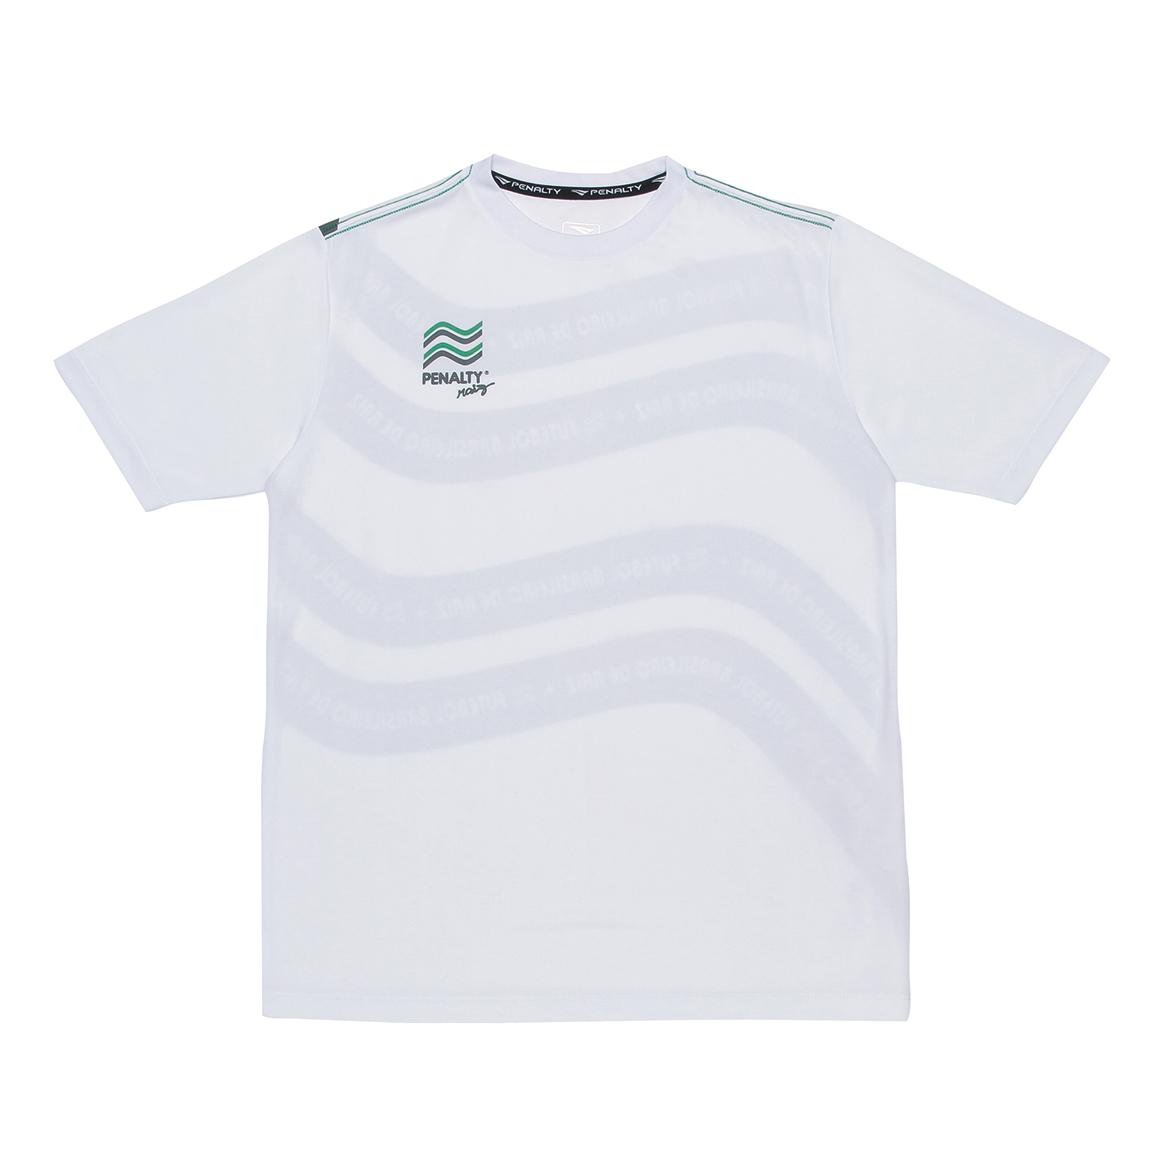 ハイスビッグロゴプラTシャツ